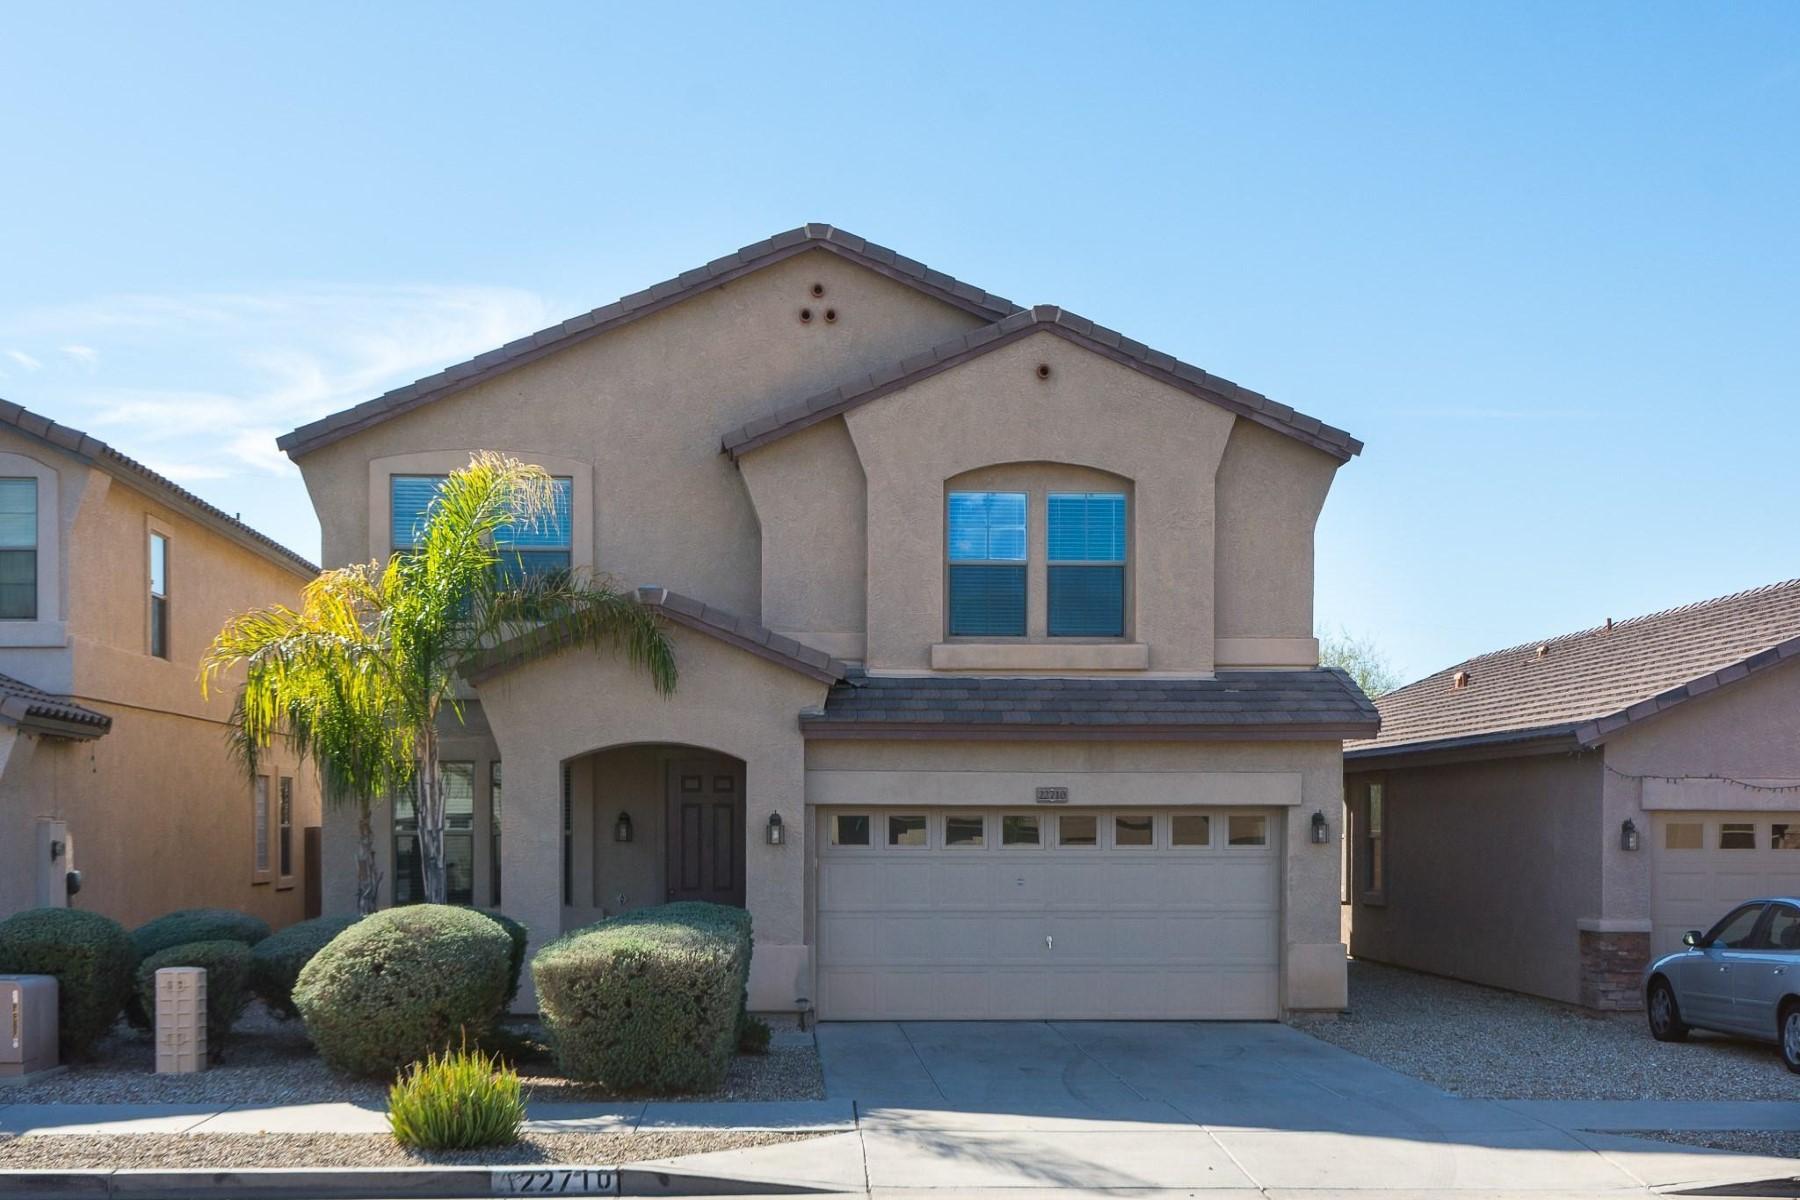 Maison unifamiliale pour l Vente à Quaint home situated in the desirable Eagle Bluff neighborhood 22710 N 17th St Phoenix, Arizona, 85024 États-Unis